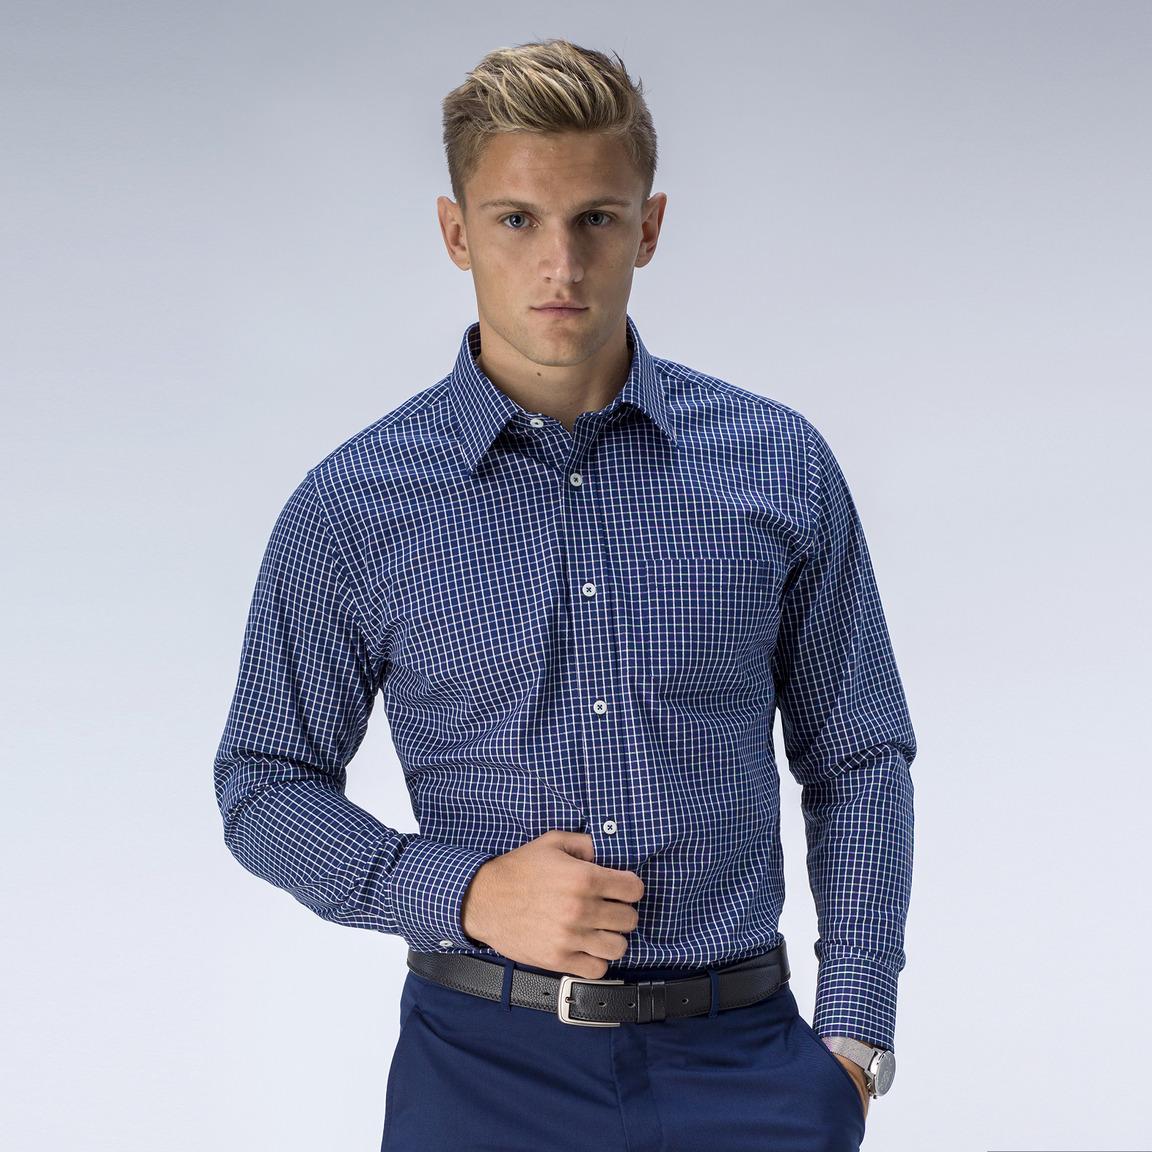 Marinblårutig oxfordskjorta